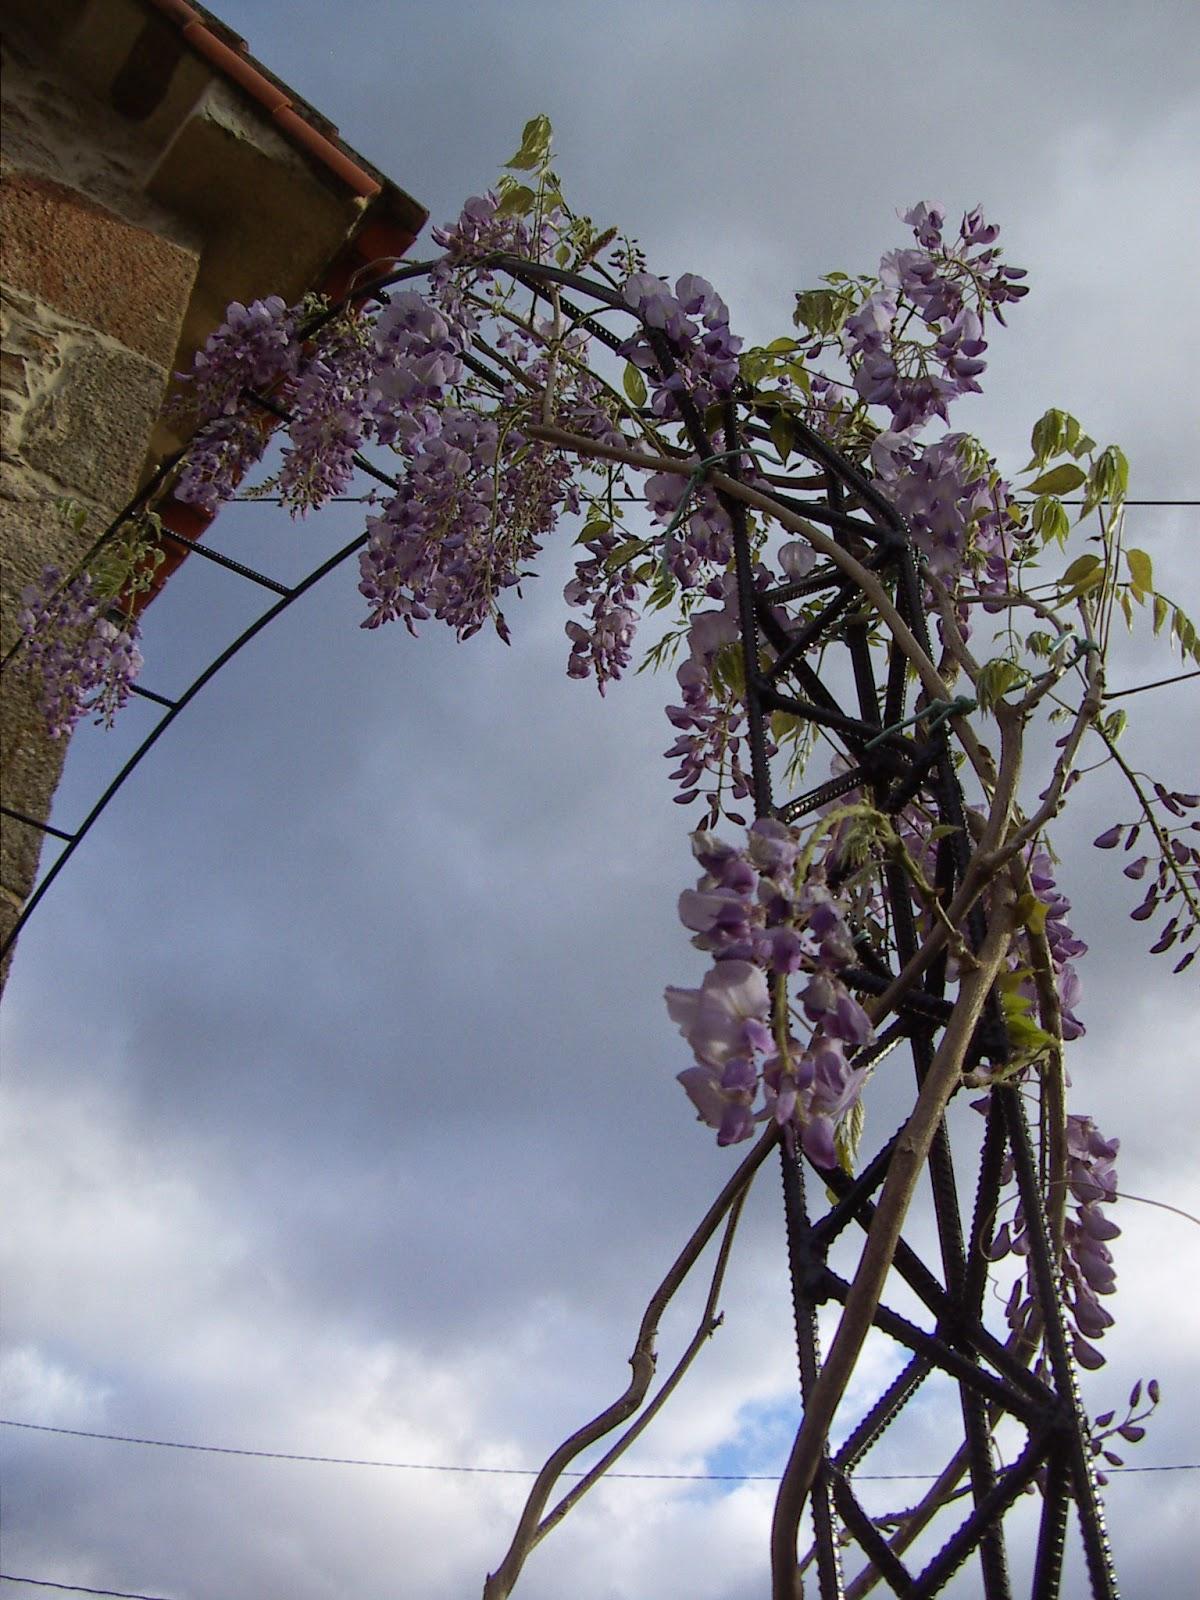 El rinc n de un aprendiz arco de hierro para el jard n for Arco decorativo jardin